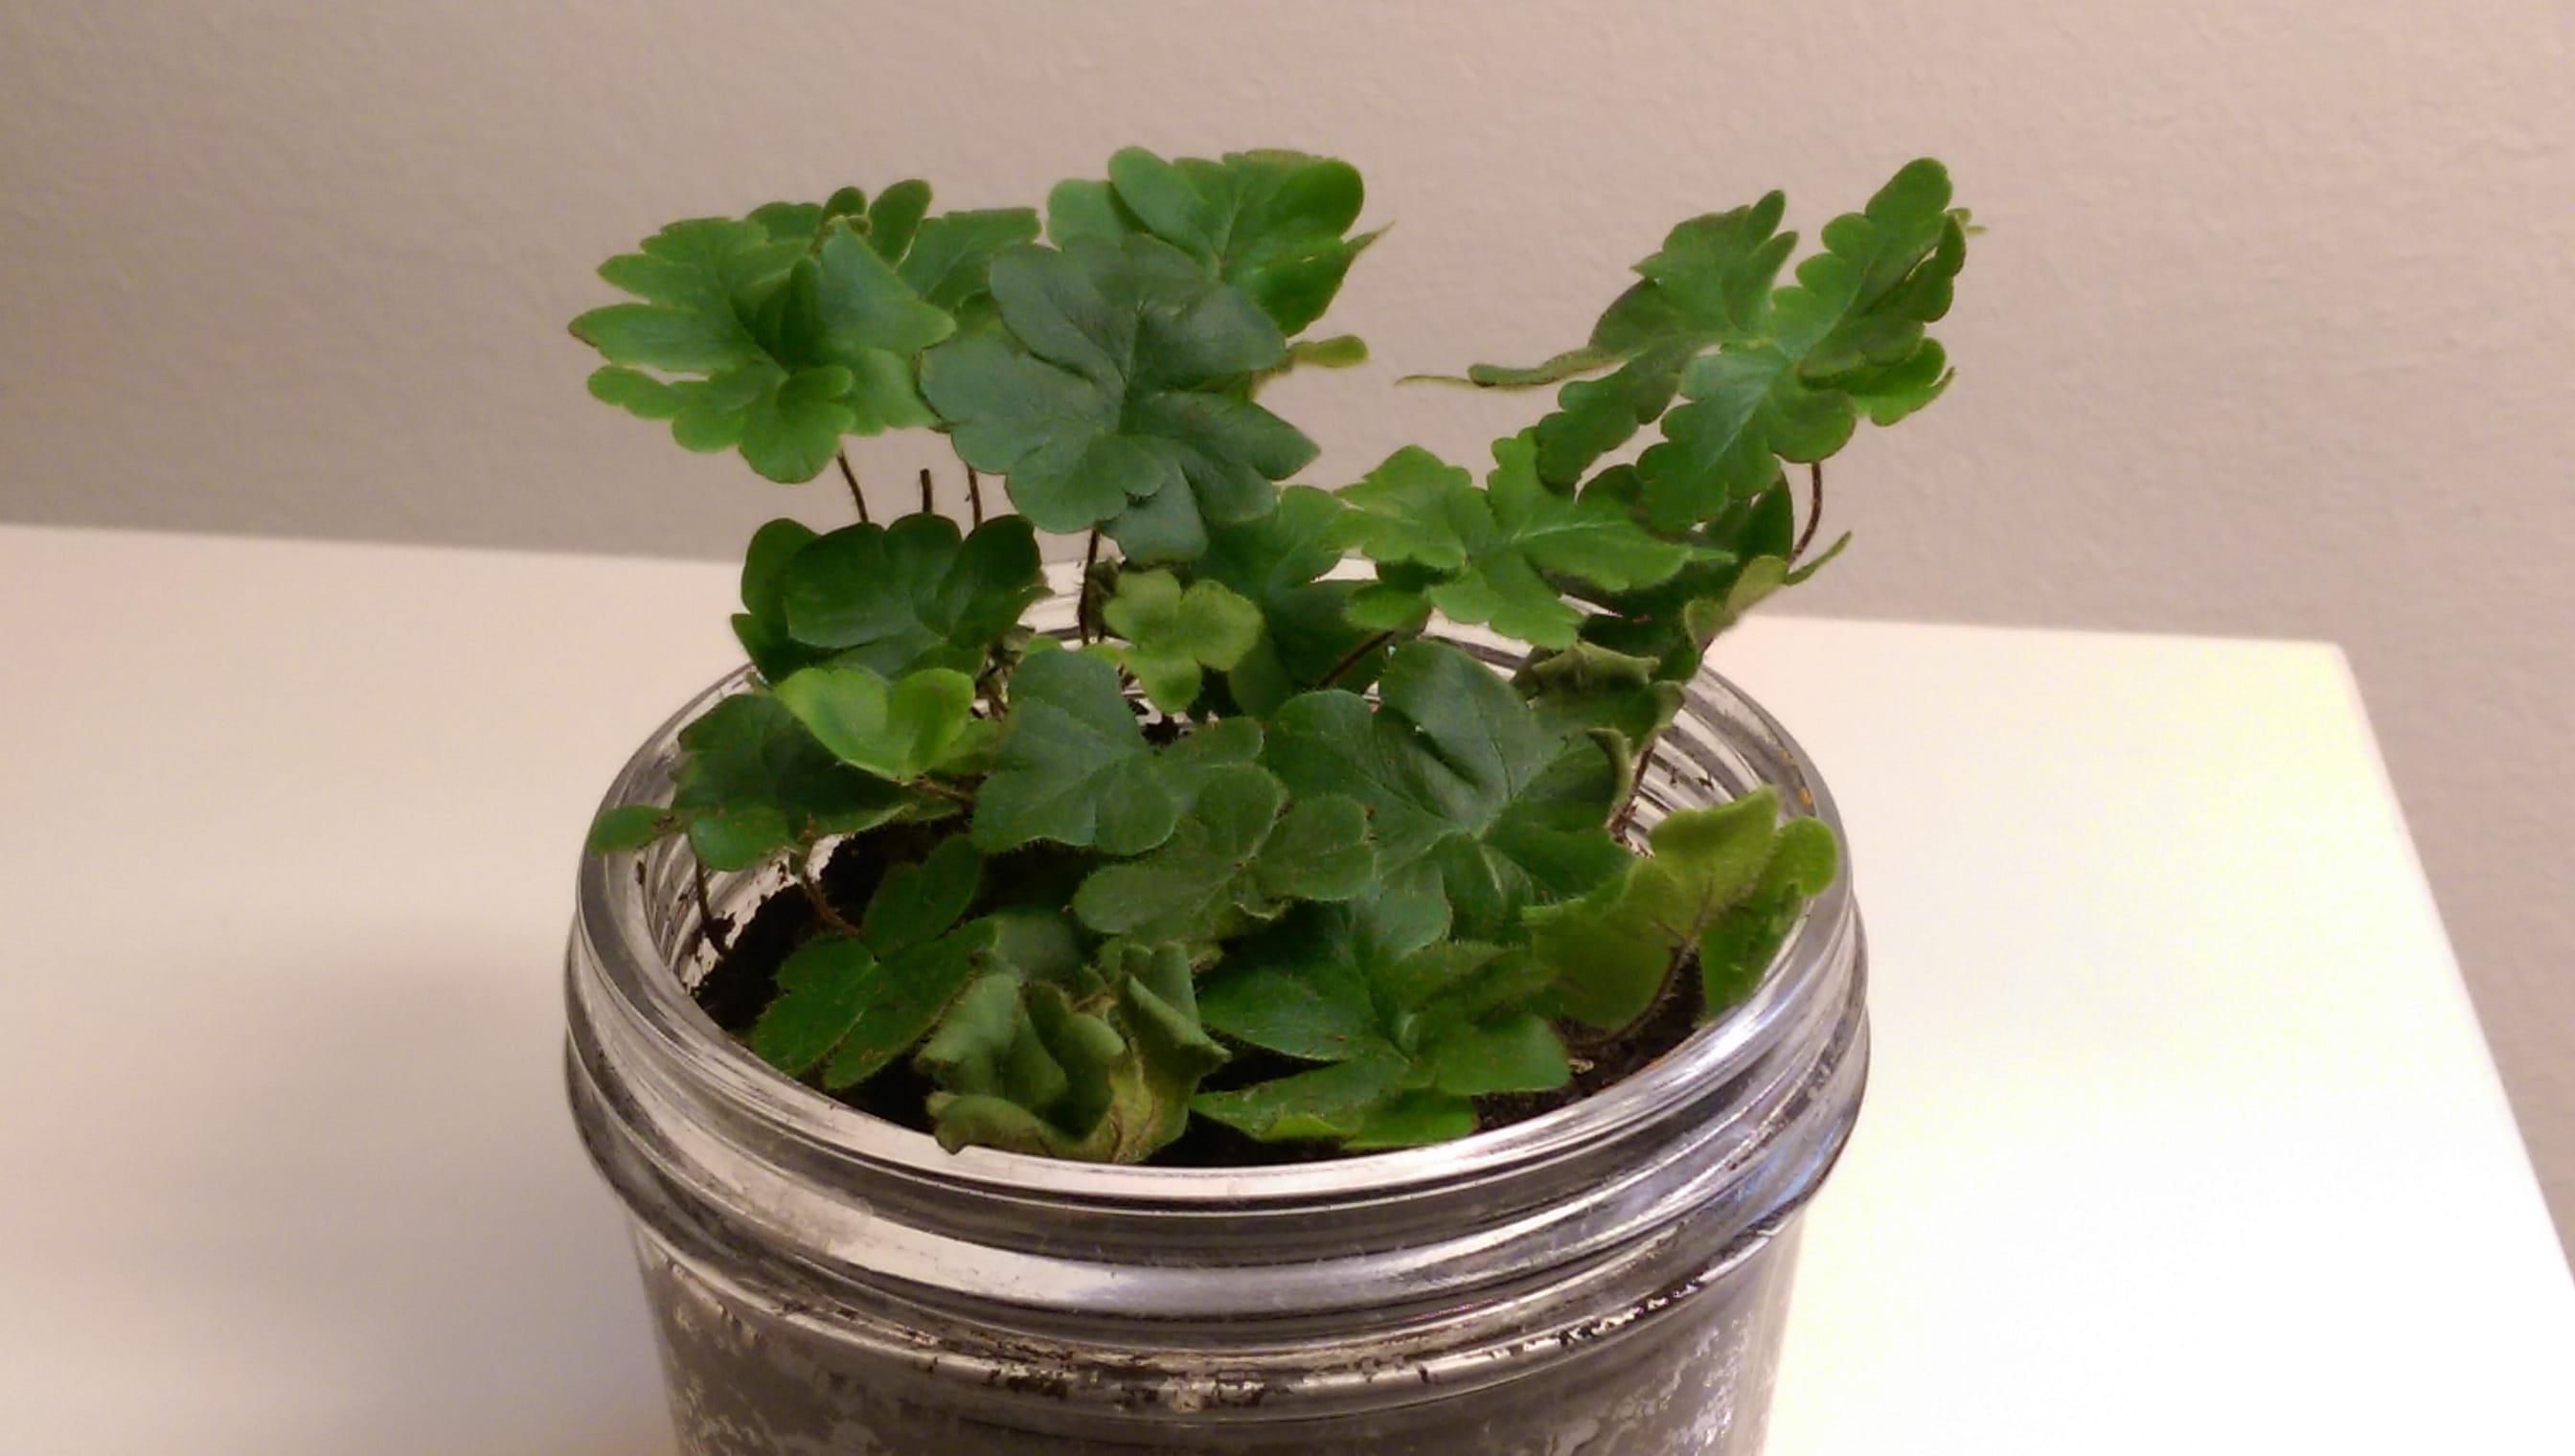 quelle est cette plante plantes d 39 int rieur. Black Bedroom Furniture Sets. Home Design Ideas